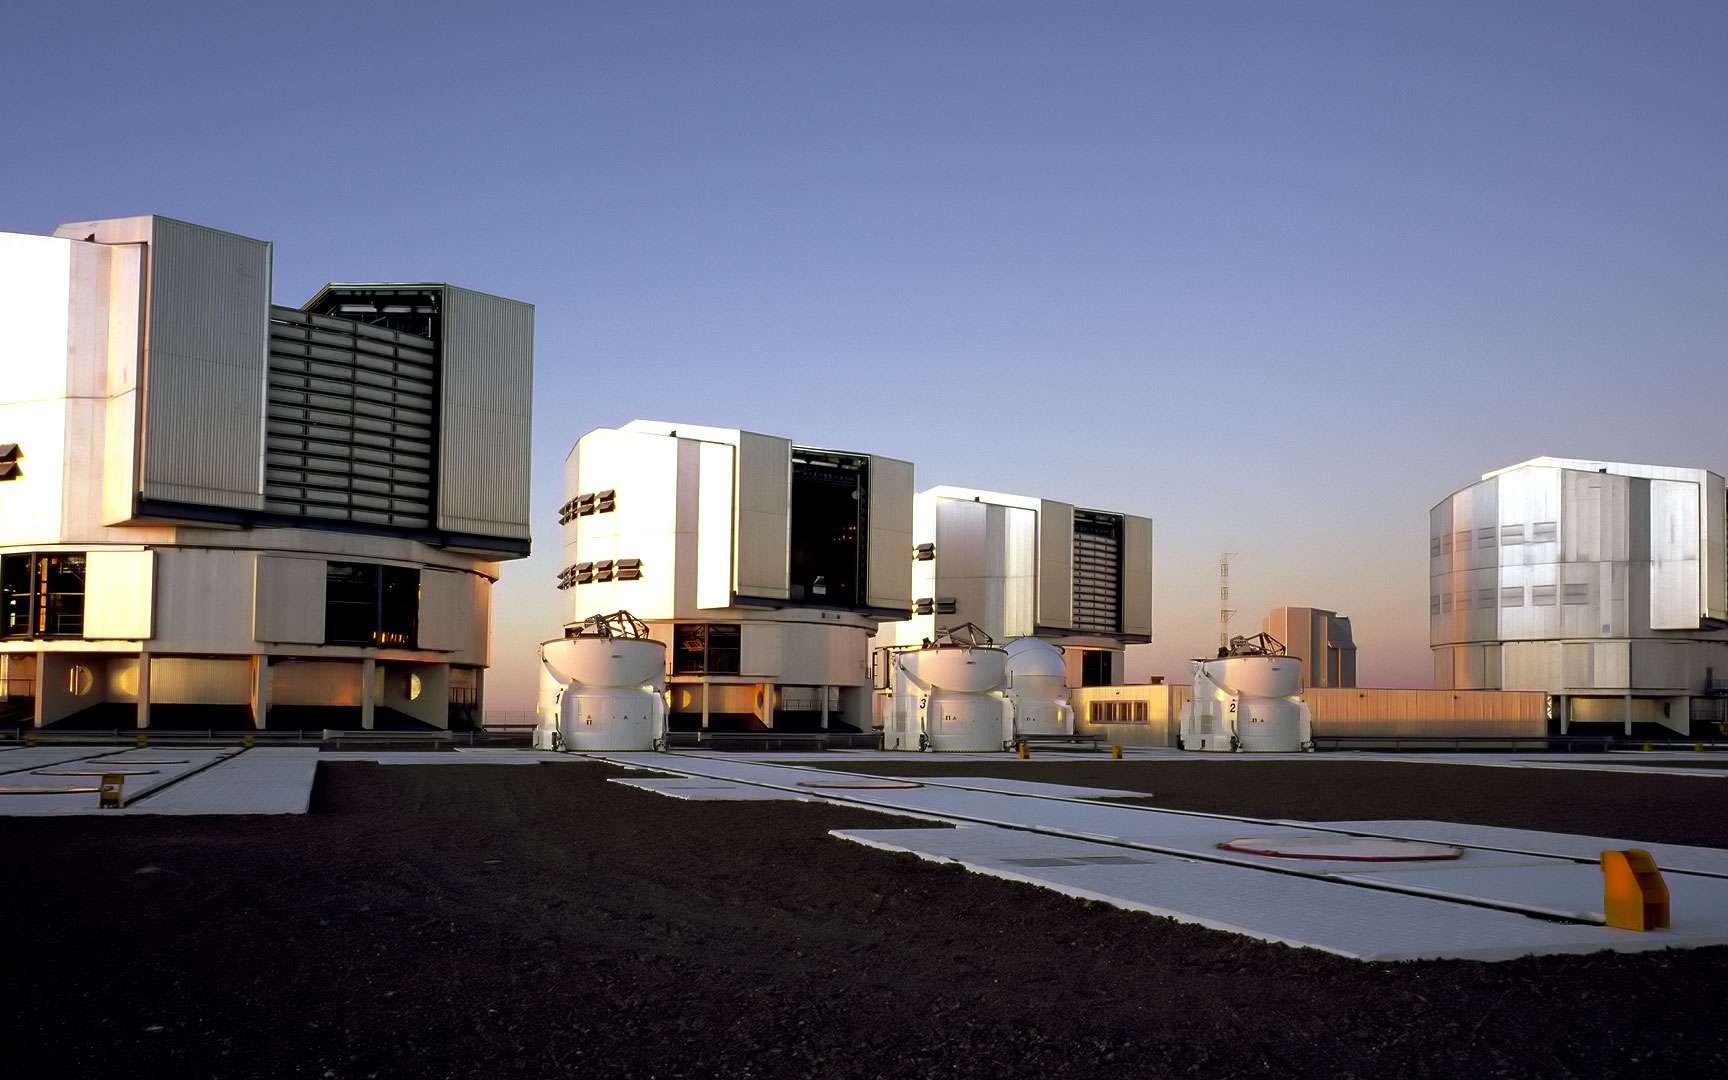 Un disque de poussière autour de l'étoile HR 4796A. Cette image acquise dans le domaine infrarouge montre le disque de poussière qui entoure l'étoile proche HR 4796A, distante d'environ 237 années-lumière en direction de la constellation australe du Centaure. Elle fut l'une des toutes premières images produites par l'instrument Sphere, peu après son installation sur le Très Grand Télescope (VLT) de l'Eso, en mai 2014. Cette image témoigne de la formidable capacité de l'instrument à réduire l'éclat de l'étoile très brillante. Un atout essentiel pour détecter et étudier des exoplanètes dans un proche avenir. © Eso, J.-L. Beuzit, Sphere Consortium